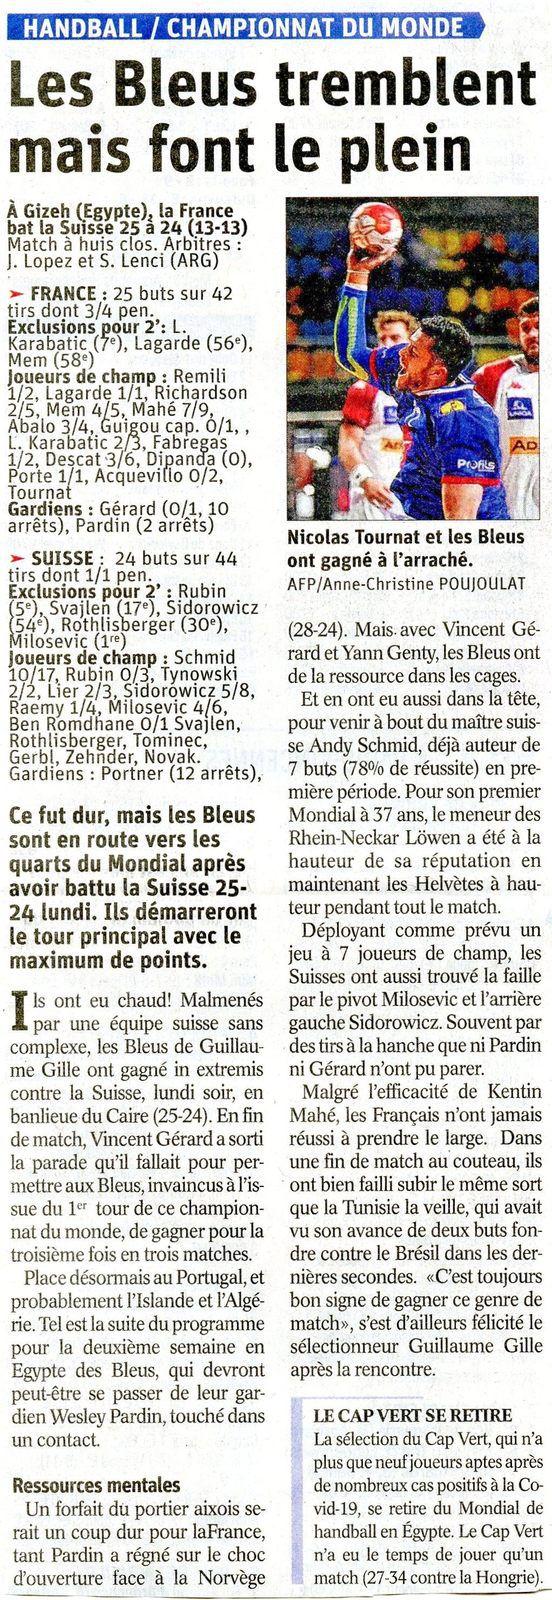 Mondial Handball  FRANCE - SUISSE après match article du DL 19 janvier  2021